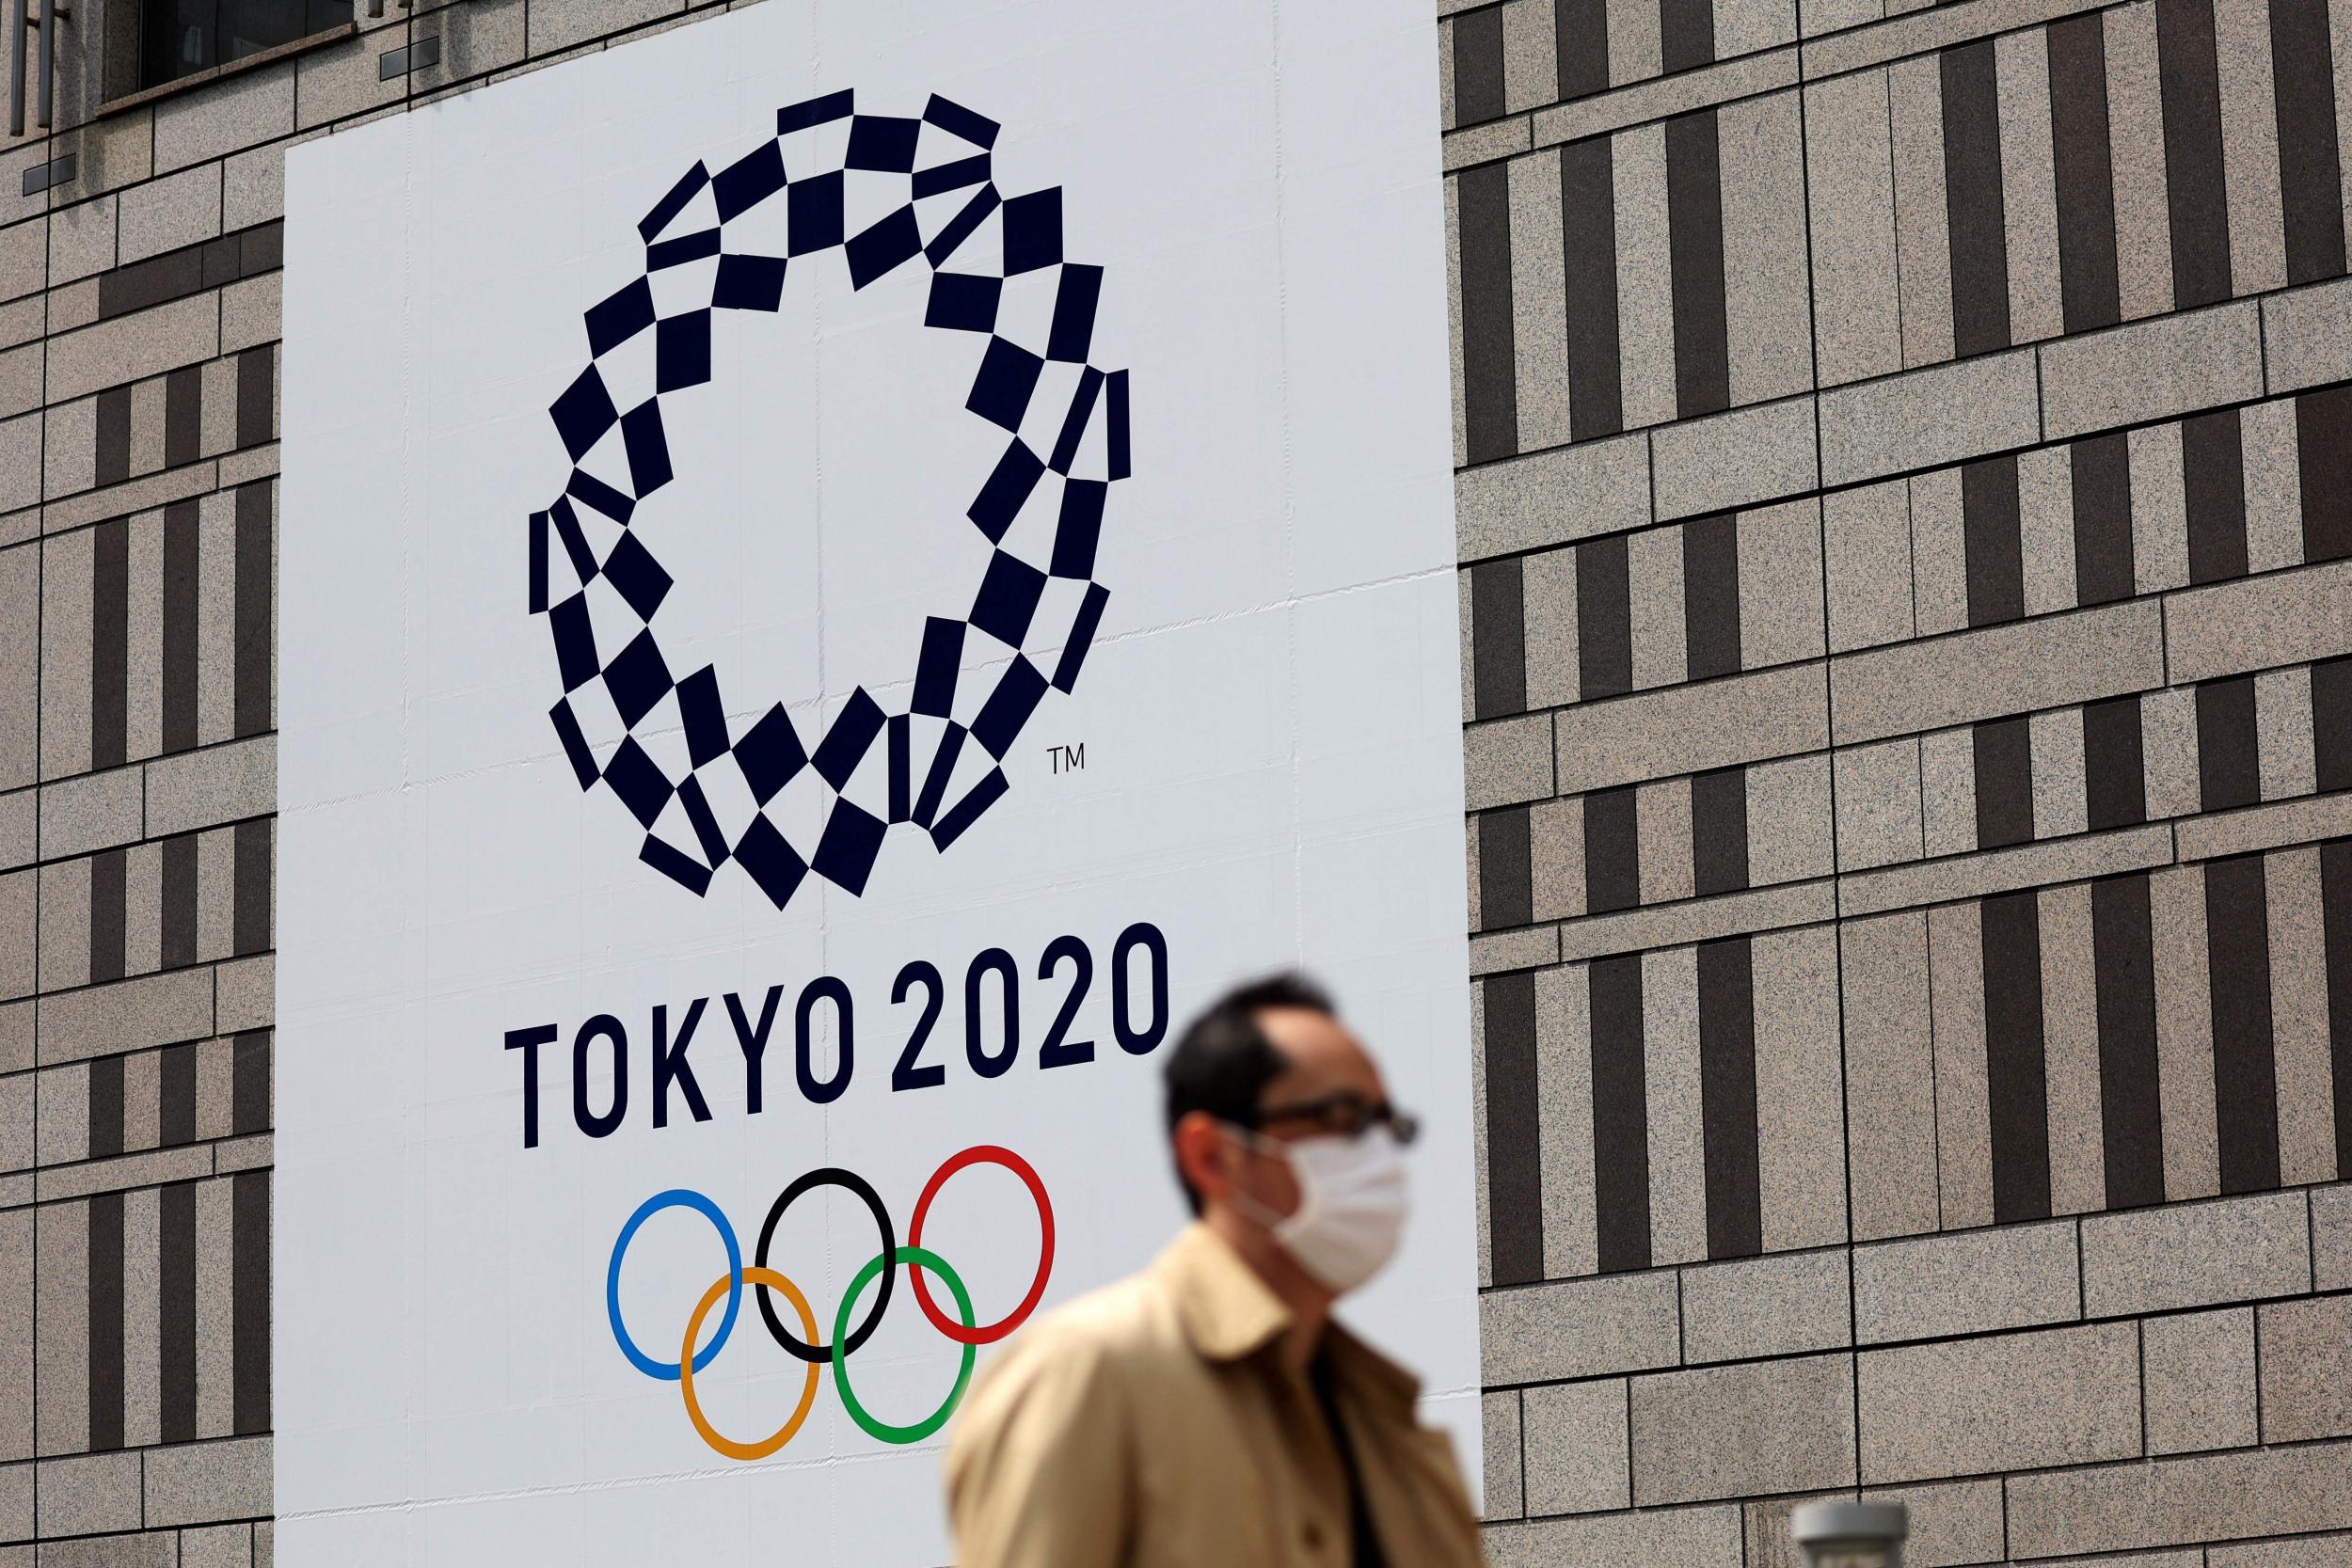 Olympische Spiele 2020 78 Prozent Der Japaner Sind Gegen Die Spiele In Tokio Enthullt Eine Umfrage The Aktuelle News